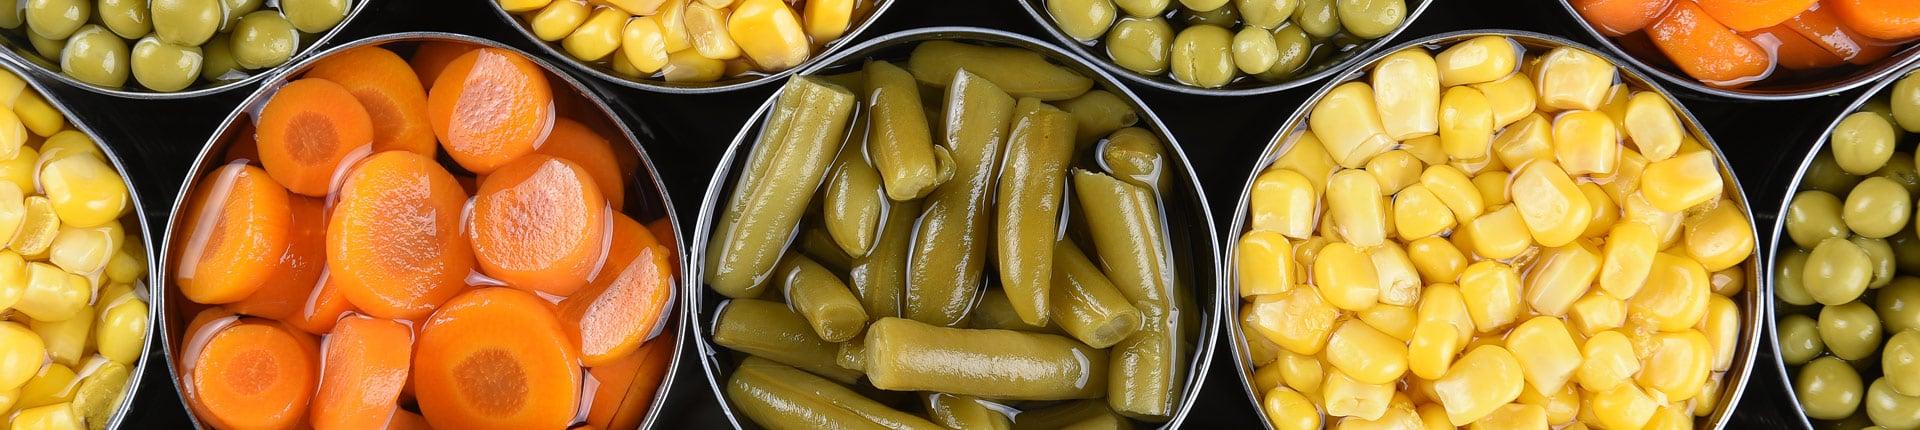 Warzywa konserwowe, świeże i mrożone - czy są one równie pożywne?